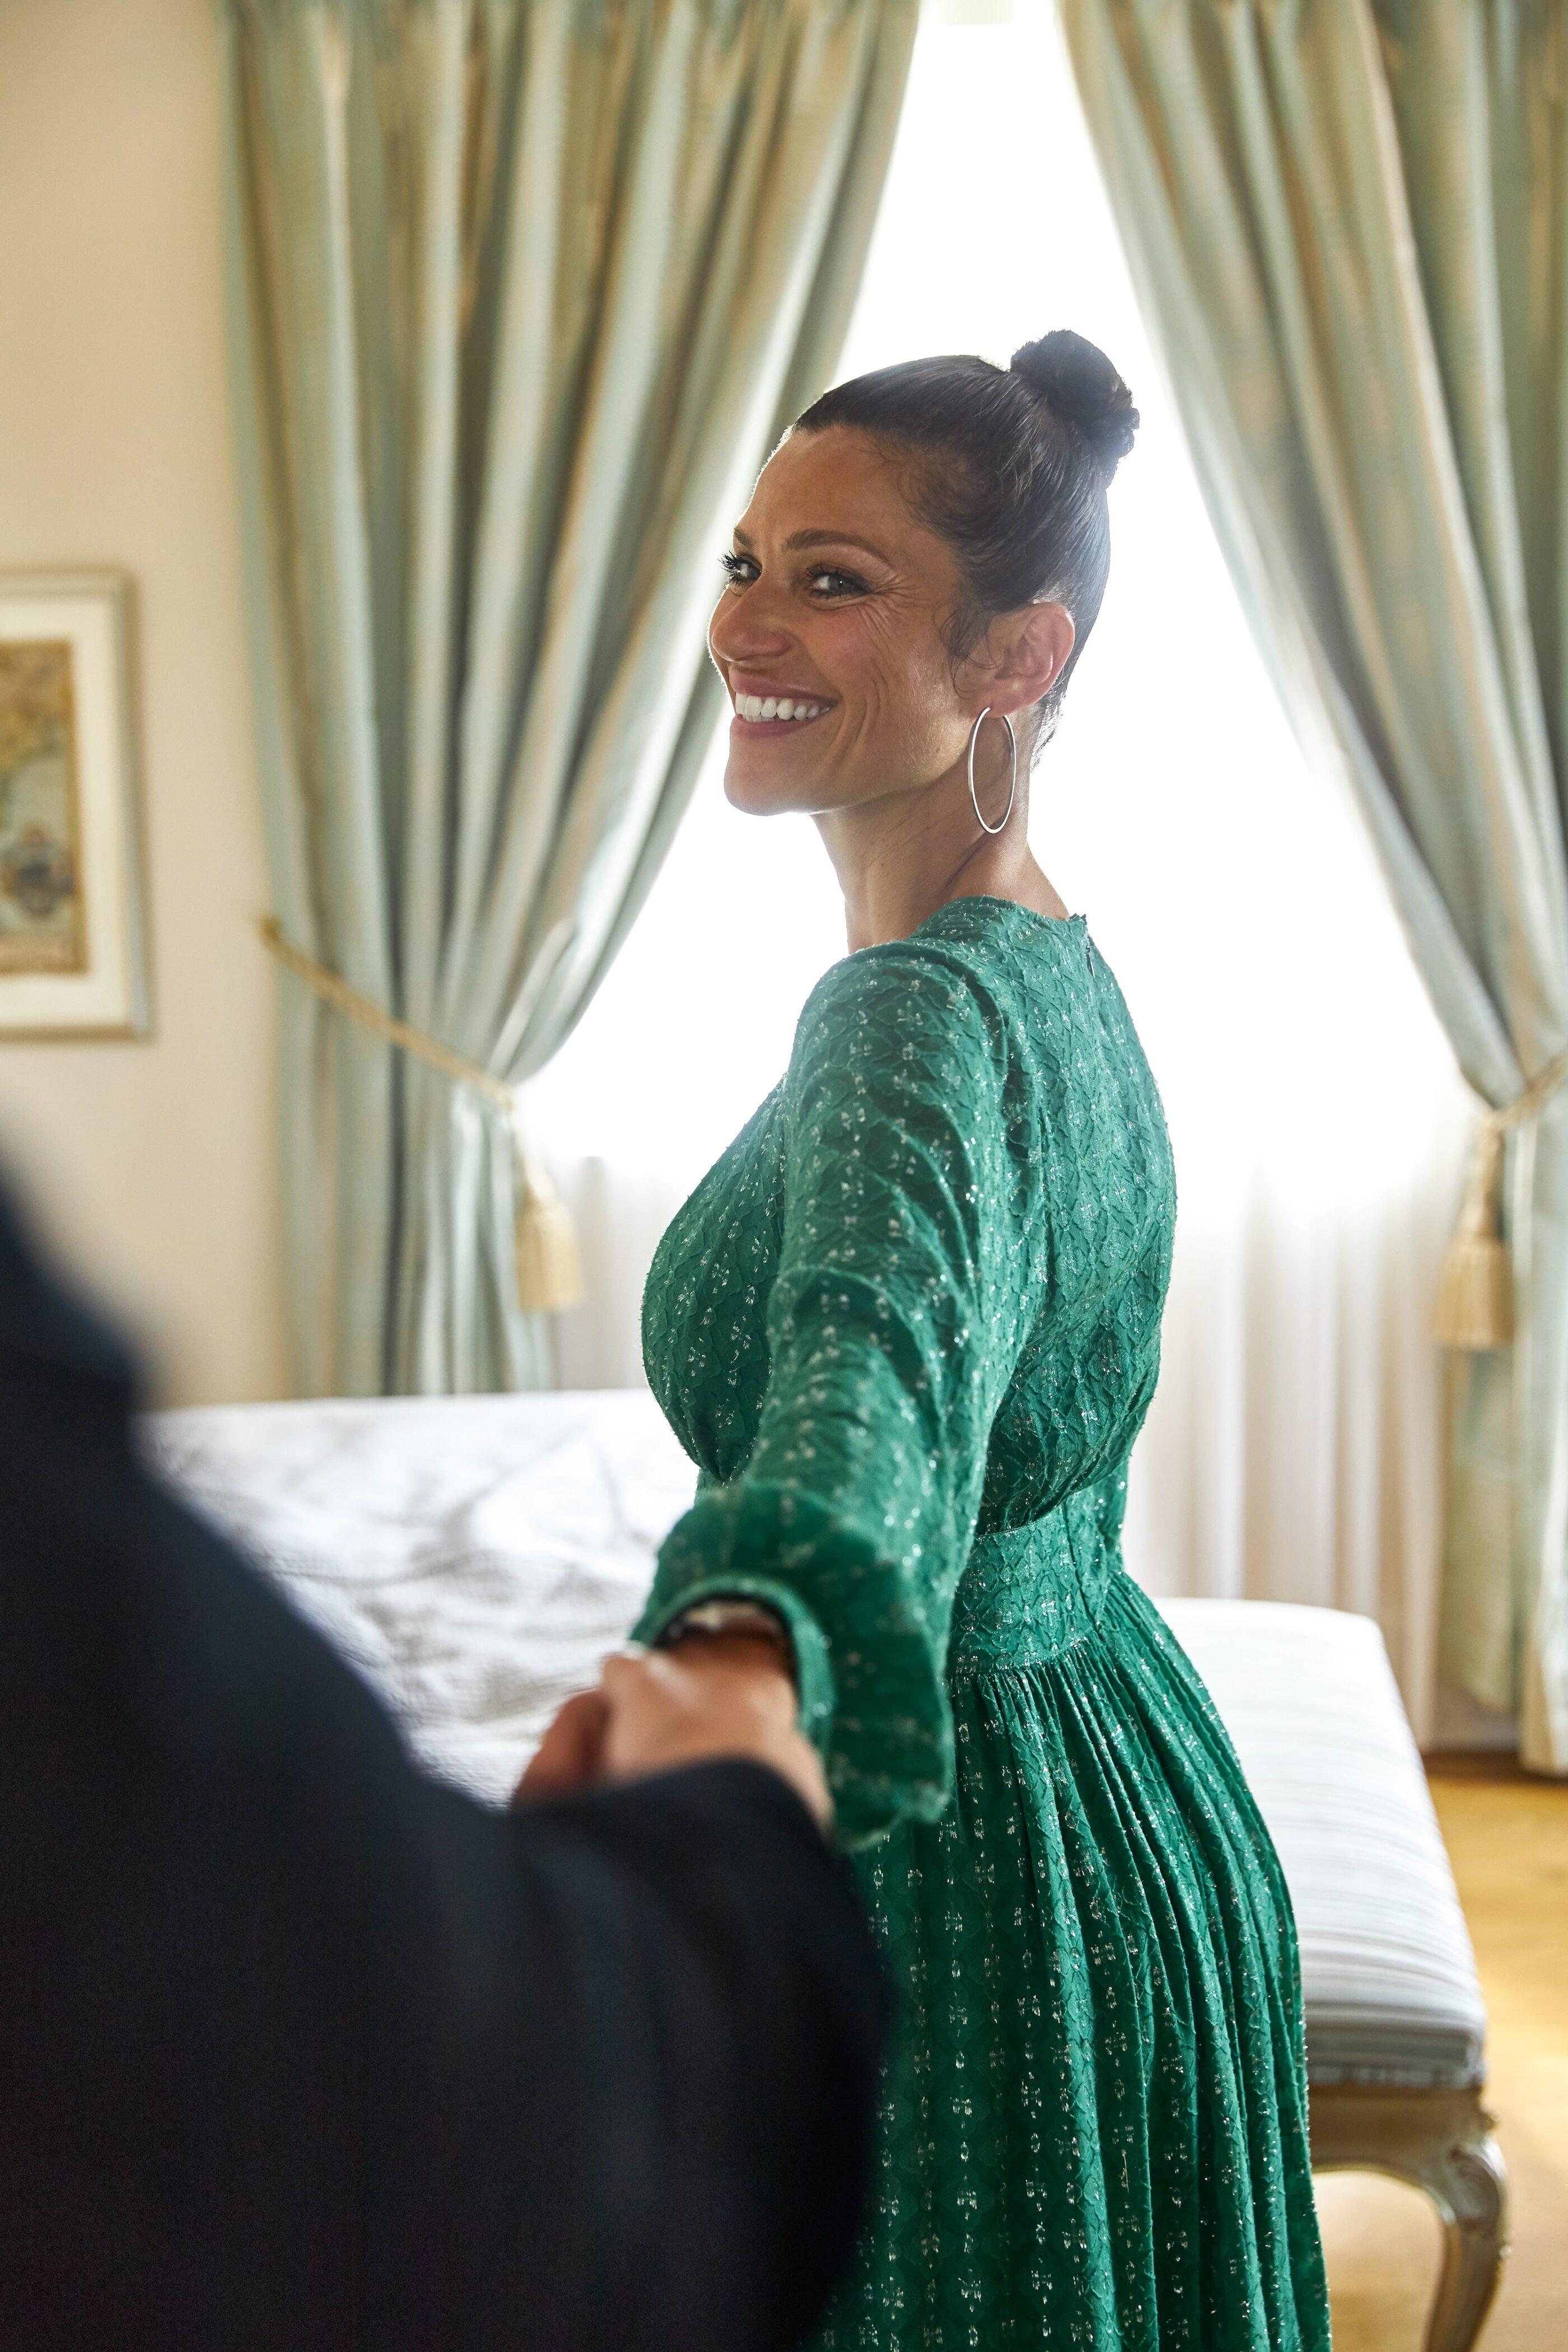 En kvinde i grøn kjole smiler med håndstrakt arm som bliver holdt af en mand